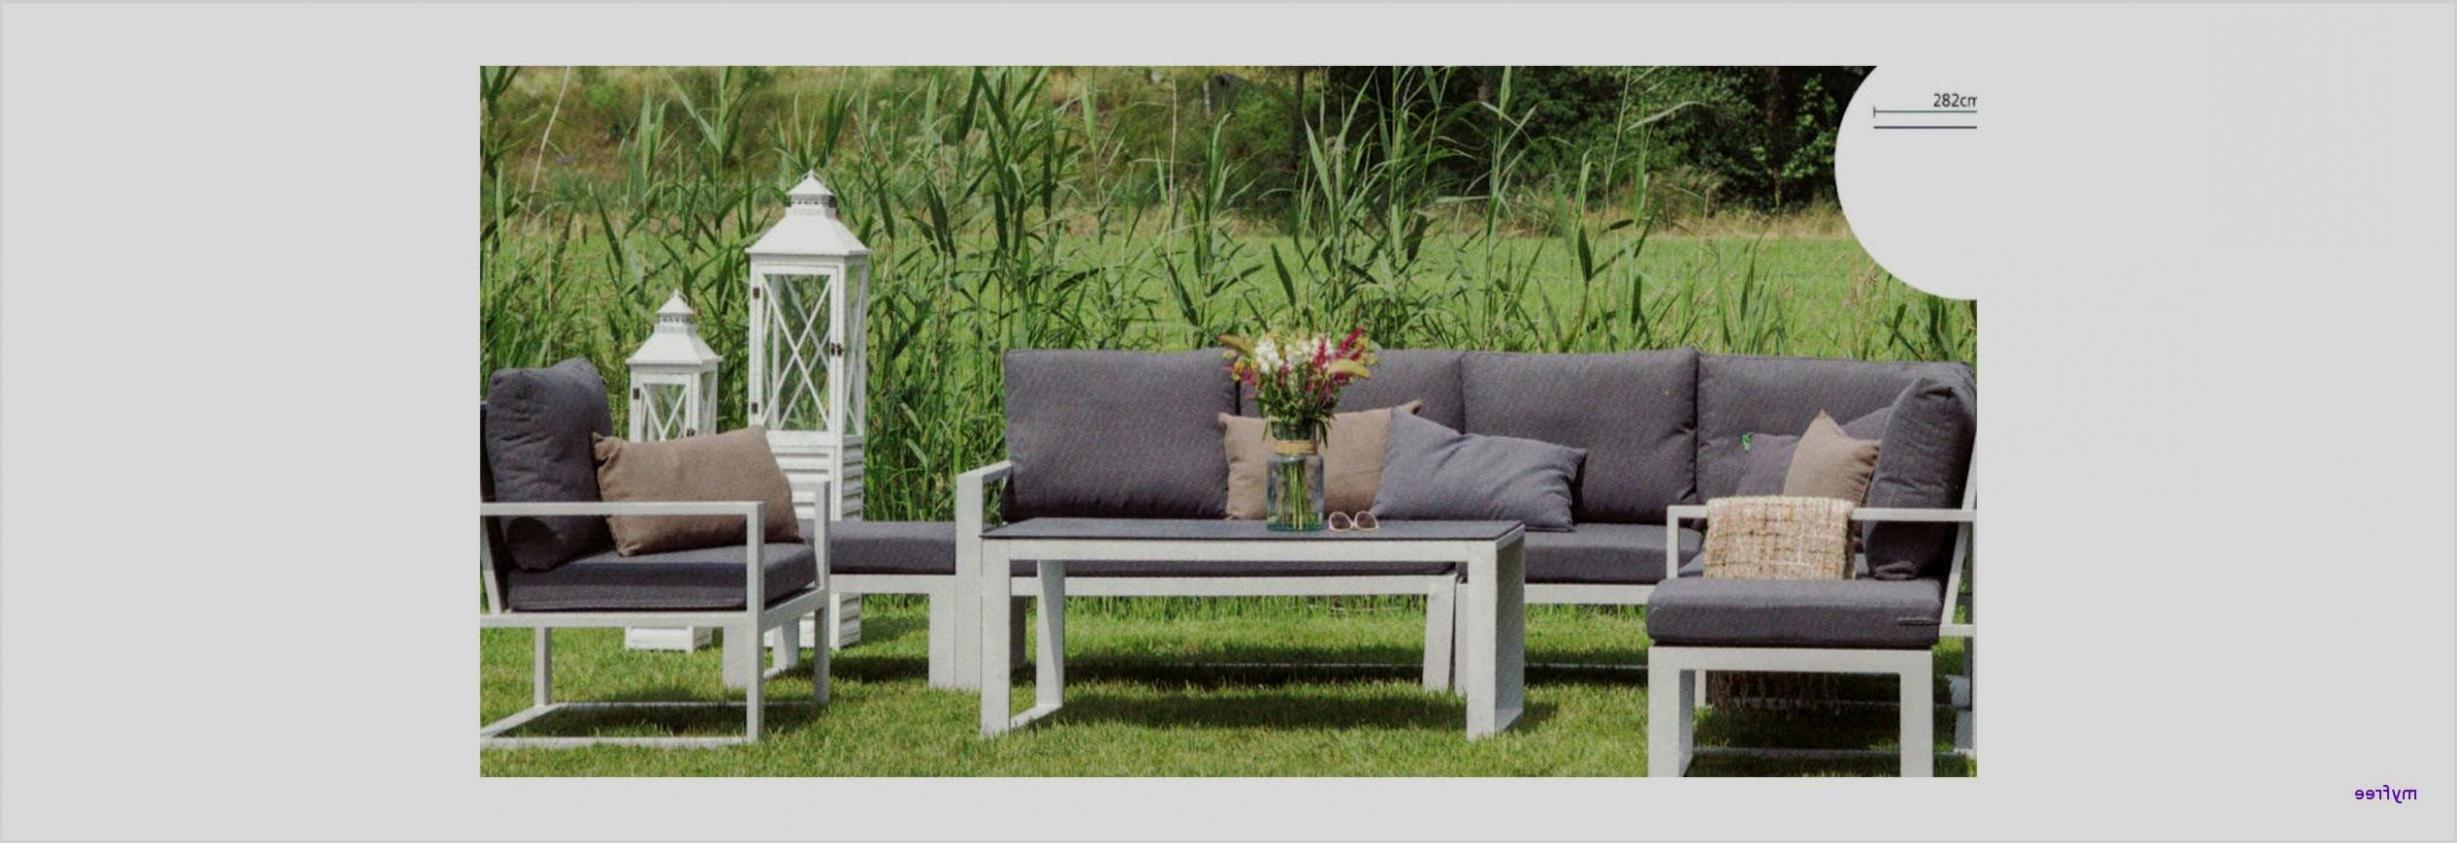 Sofas De Jardin Baratos Jxdu Sillones De Terraza Baratos Magnifico Conjunto sofa Jardin Conjuntos